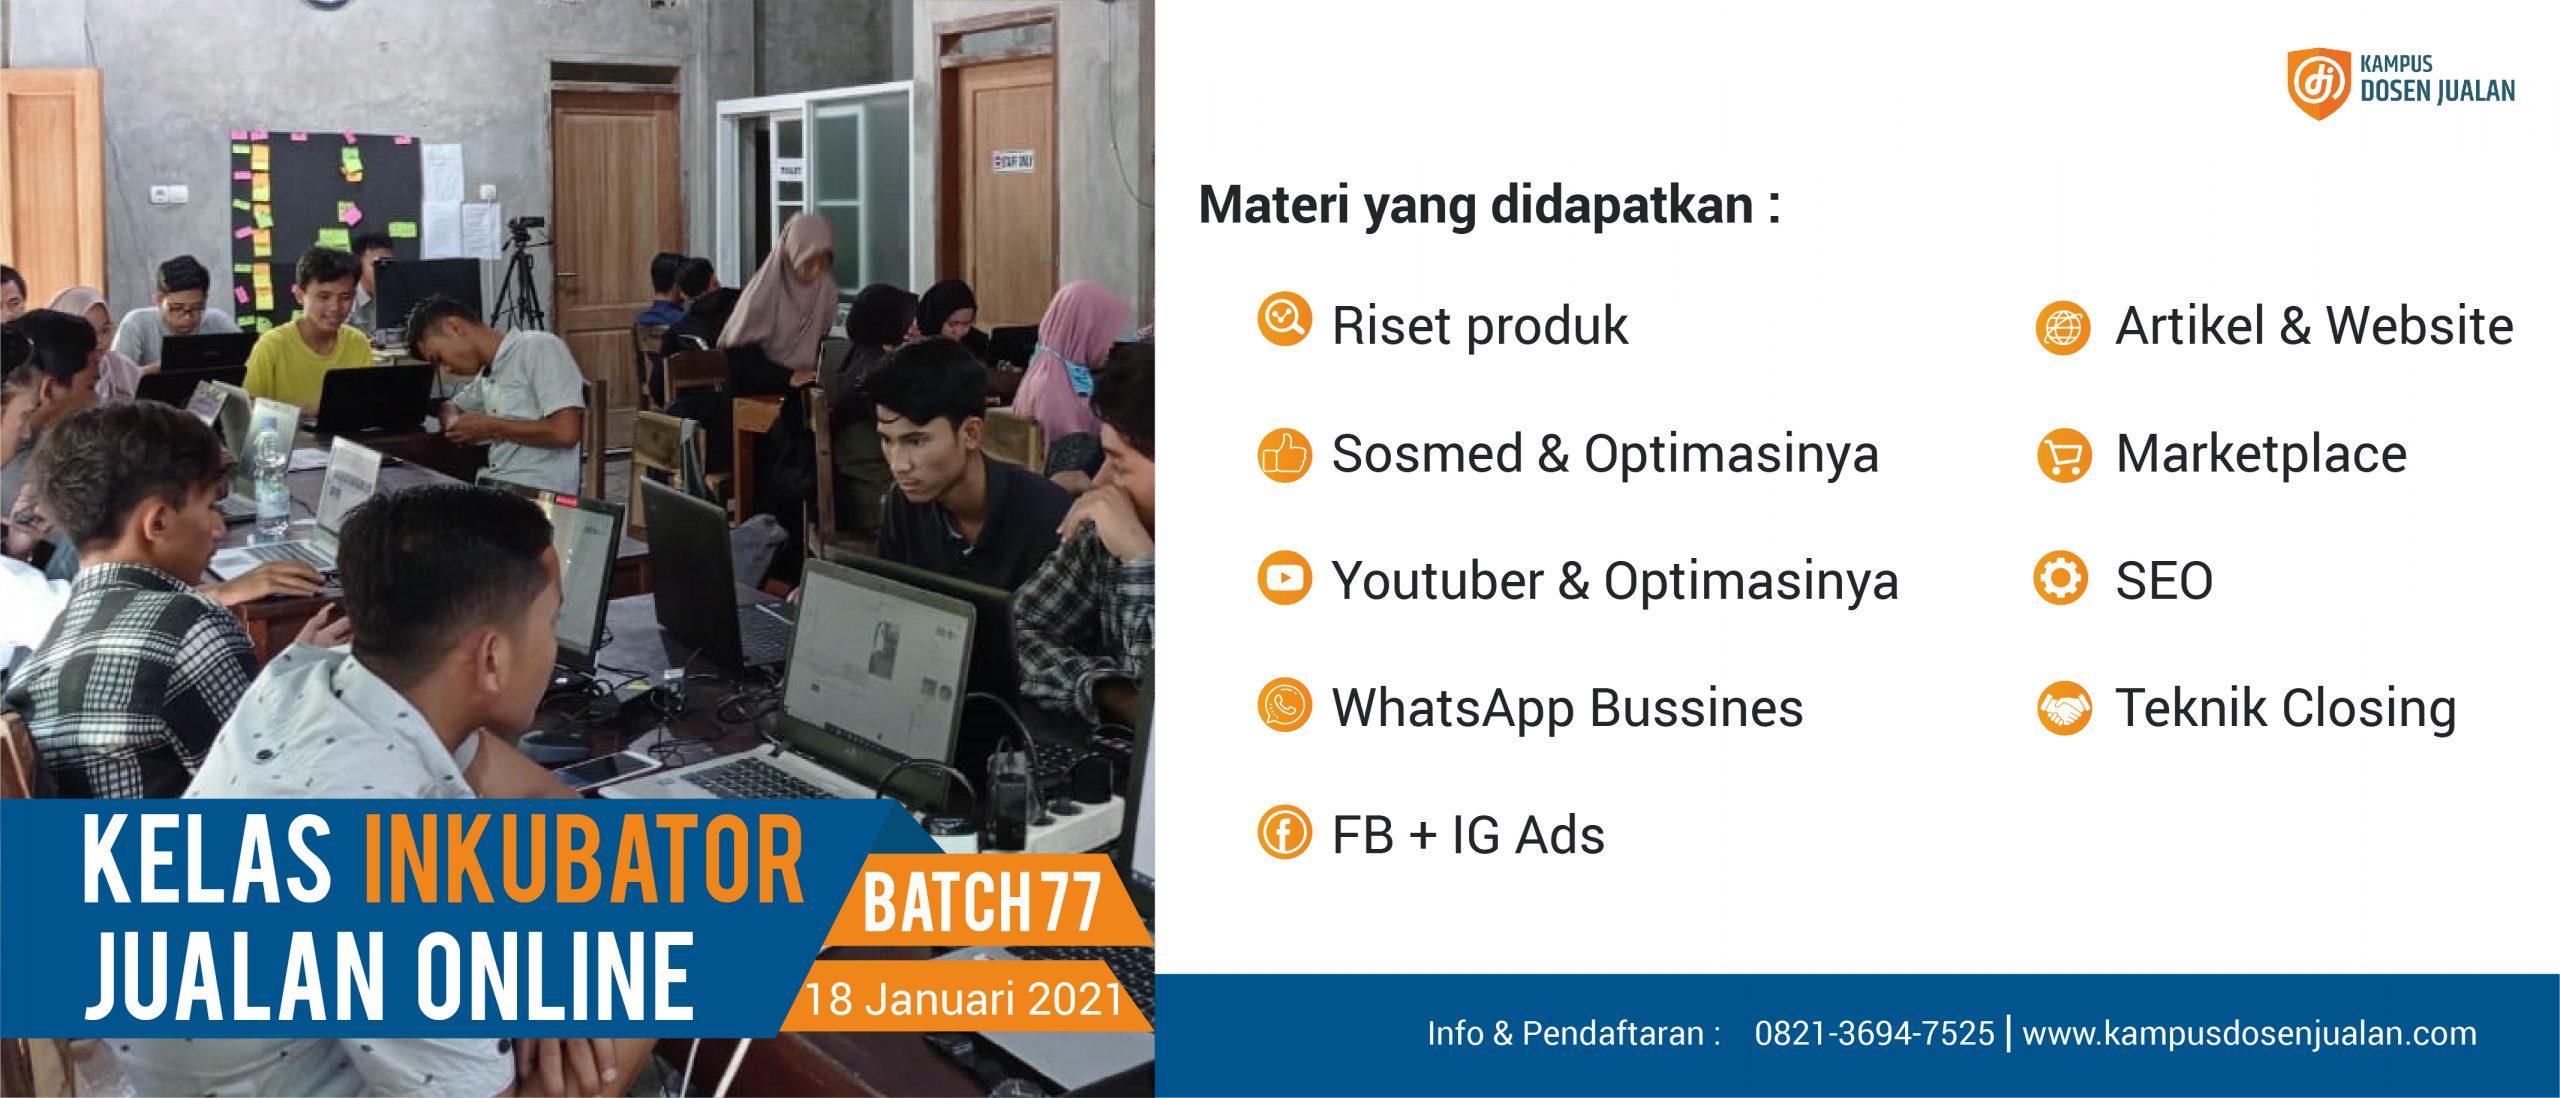 Inkubator Jualan Online 2021